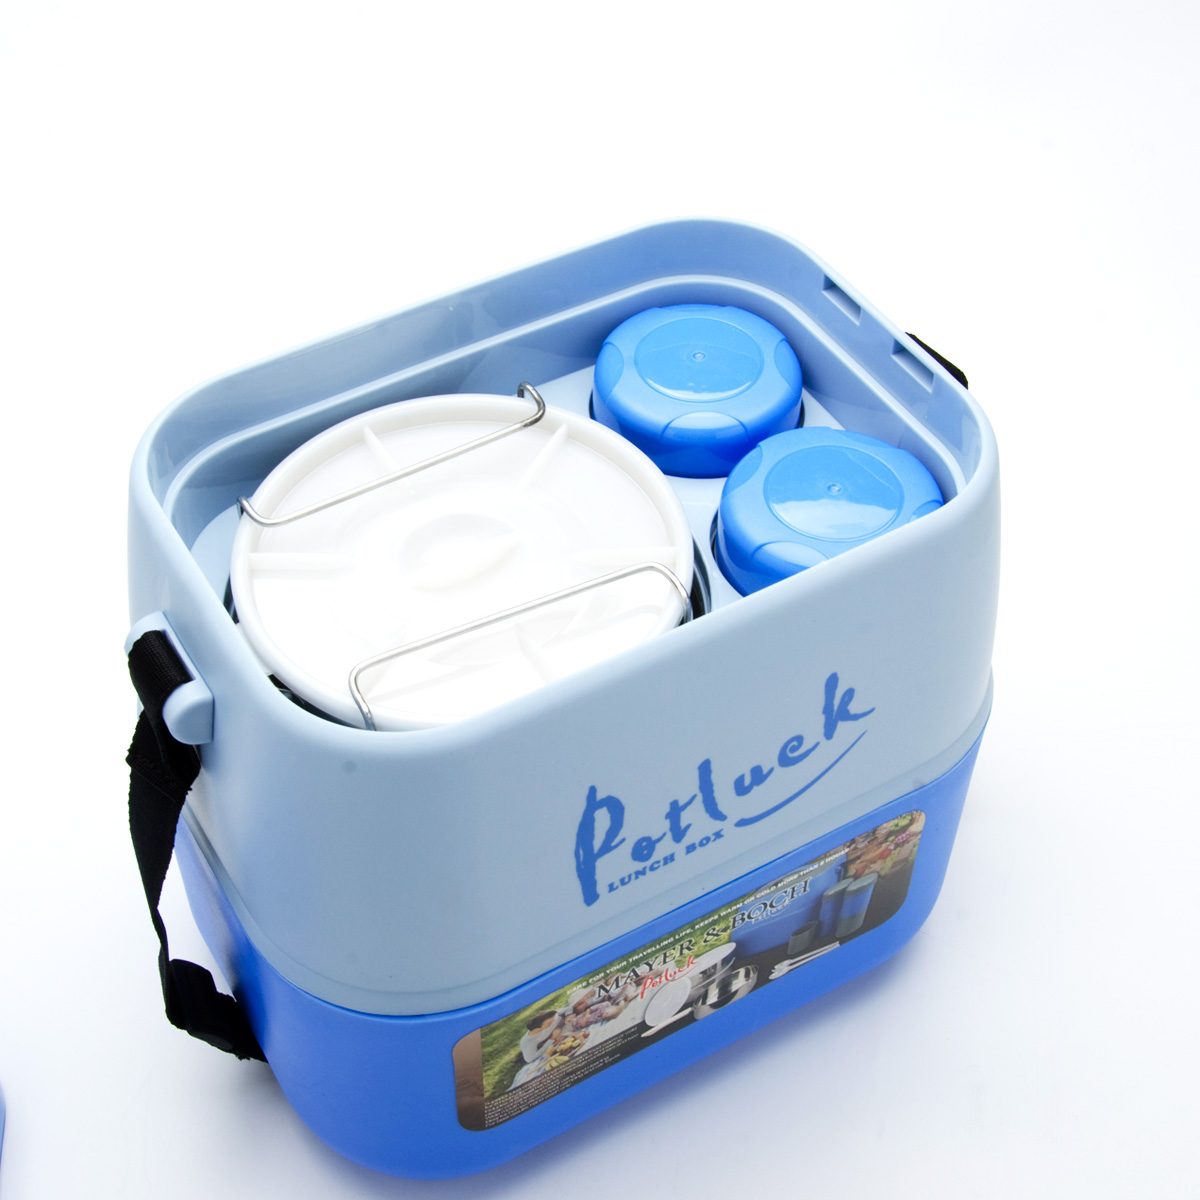 Термо-контейнер для продуктов Mayer & Boch, цвет: синий, 3,6 л23727Термо-контейнер Mayer & Boch, изготовленный из полипропилена, станет незаменимой вещью для офисных работников, водителей, школьников и студентов. Благодаря двойной стенке и герметичной крышке термо-конейнер сохраняет температуру продуктов в течение 4-5 часов, поэтому вы сможете насладиться теплым обедом и вне дома. Изделие имеет абсолютно герметичную конструкцию. Контейнер идеален для пикников и путешествий. Вы можете носить в нем обеды и завтраки, супы, закуски, фрукты, овощи и другое. Термо-контейнер прекрасно подходит для горячей и холодной пищи. Для более удобной транспортировки изделие оснащено текстильным ремнем. В наборе - 3 стальных контейнера для пищи с пластиковыми крышками, металлическая подставка и съемная ручка для контейнеров, 2 пластиковые емкости для жидкости с крышками, 2 стакана, пластиковые ложка и вилка-ложка. Все предметы компактно и надежно складываются внутрь термо-контейнера. Объем термо-контейнера: 3,6 л. Размер термо-контейнера: 27 см х 19 см х 29 см. Диаметр контейнера для пищи: 14 см. Высота контейнера для пищи (без учета крышки): 6 см. Размер подставки для контейнеров: 10,5 см х 10,5 см х 19 см. Длина съемной ручки для контейнеров: 11 см. Длина ложки/вилки-ложки: 16 см.